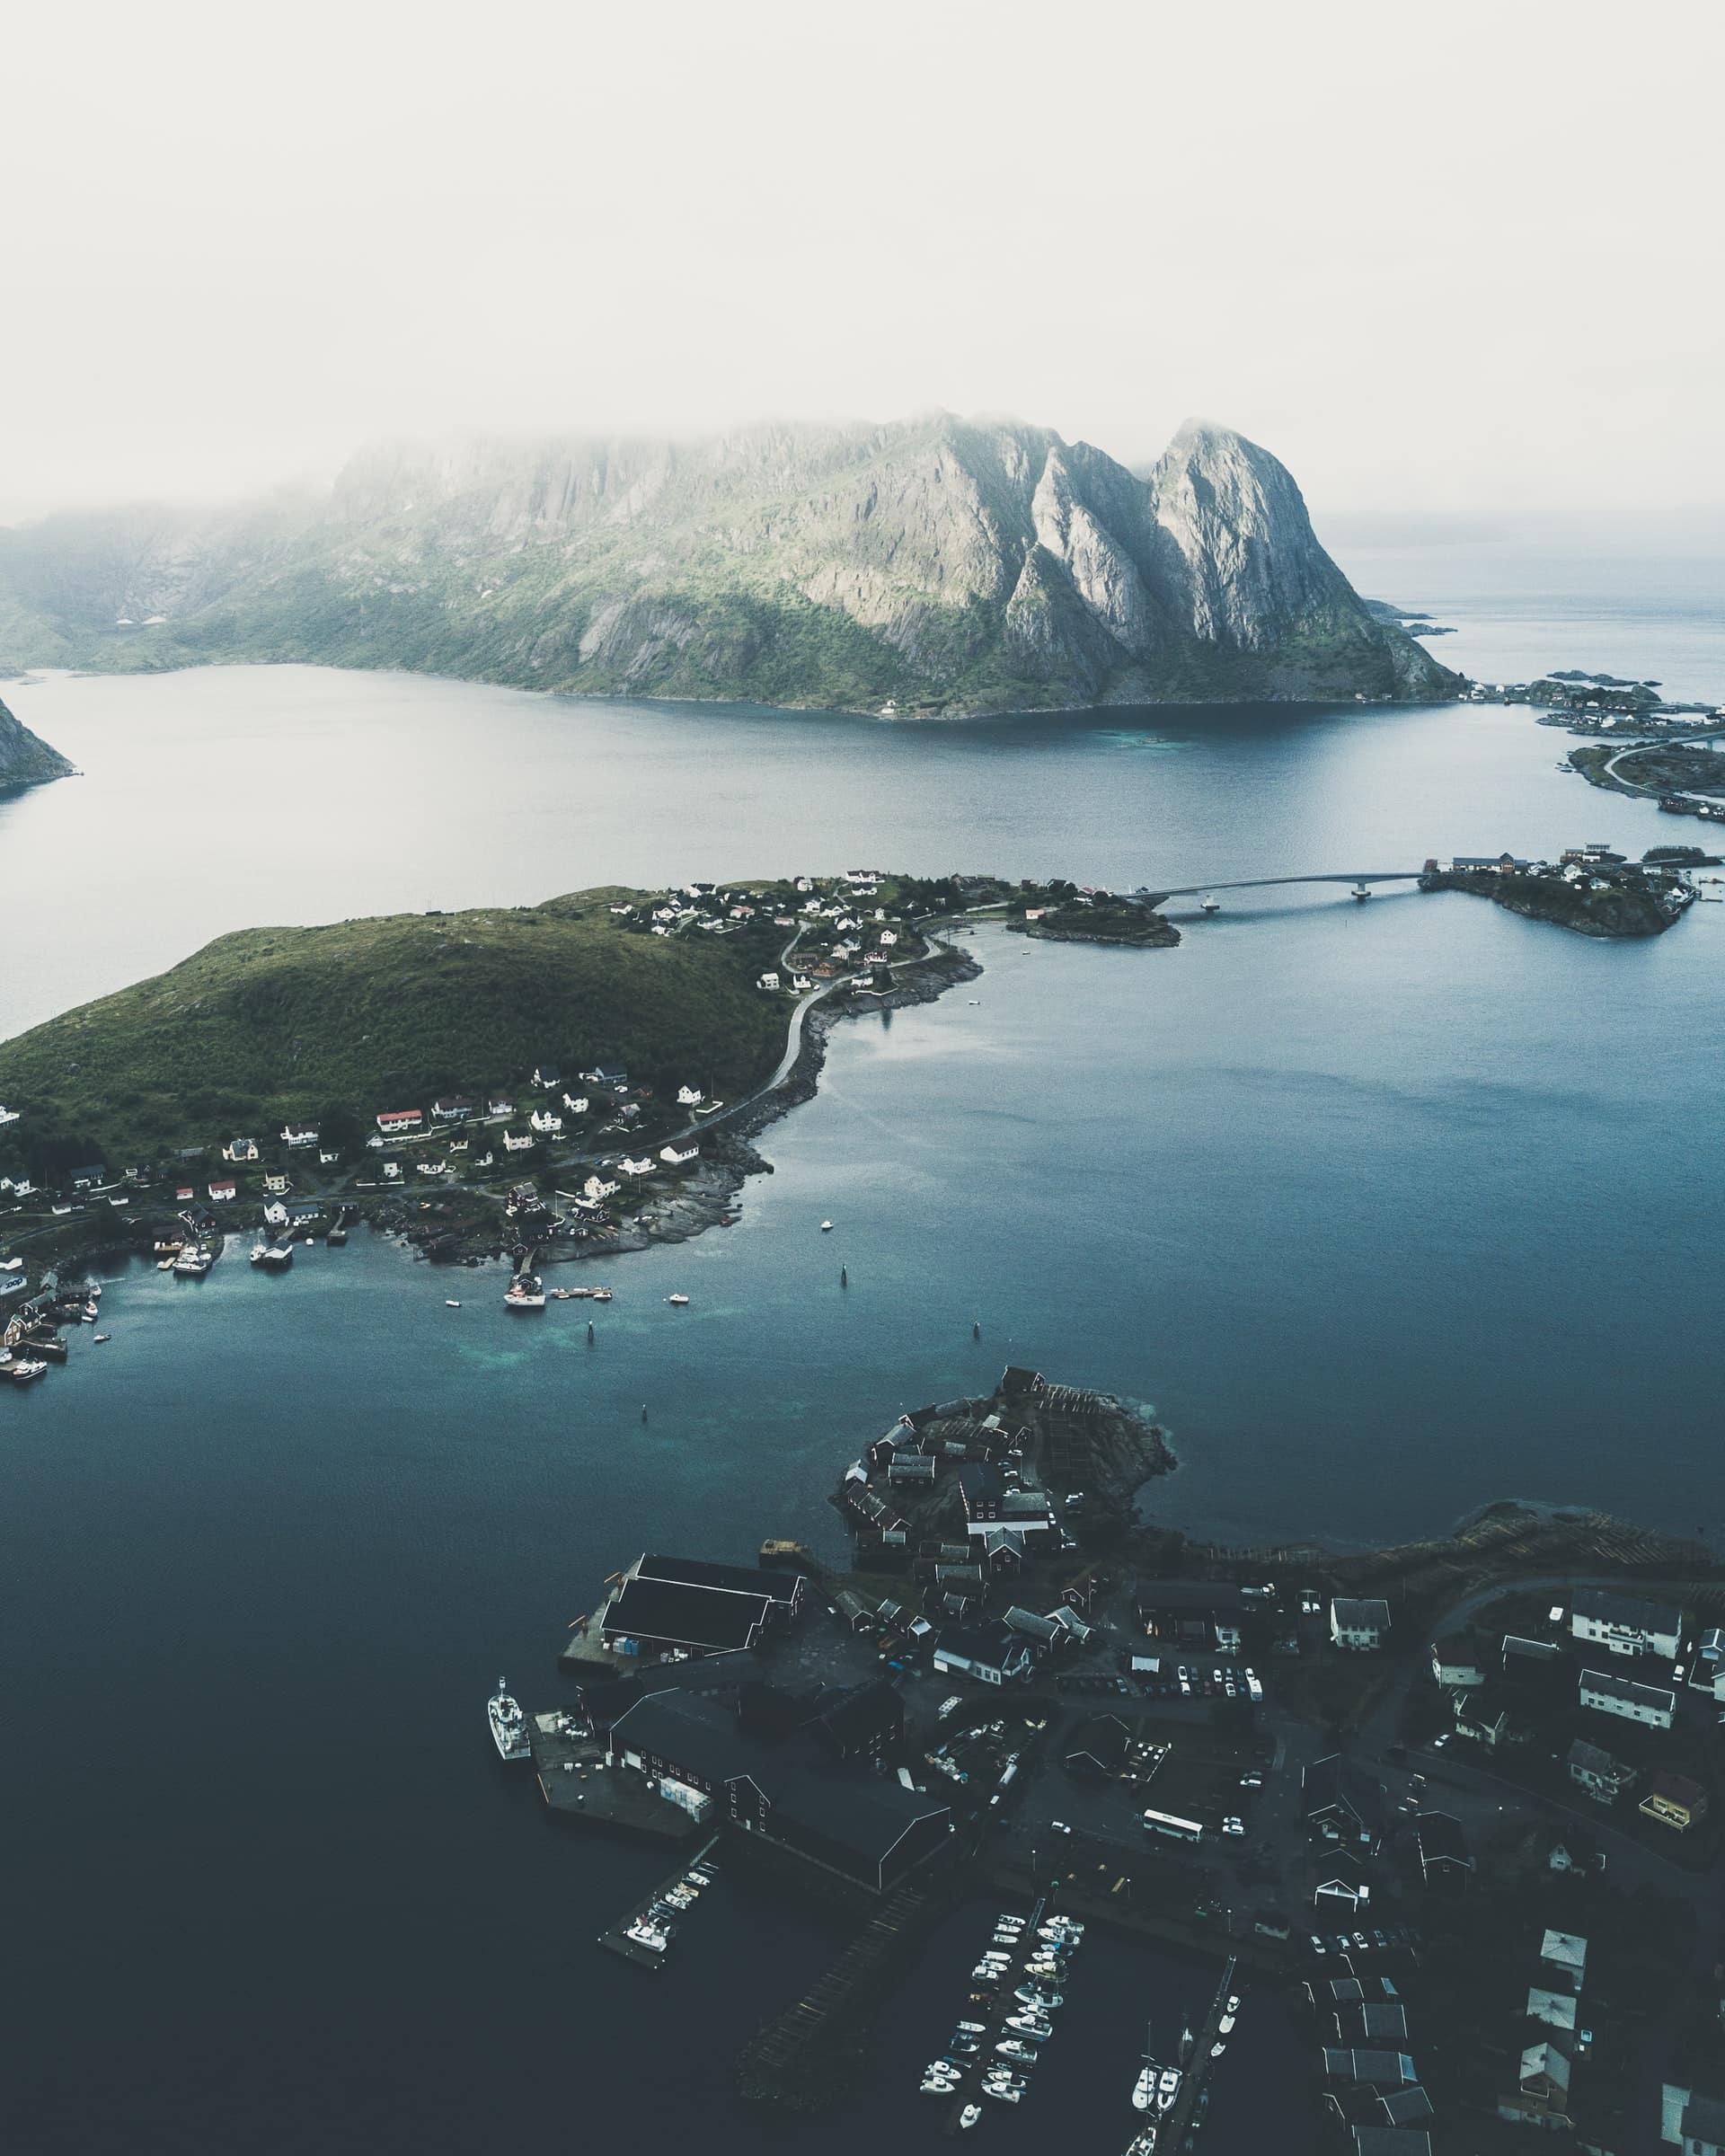 View of the Lofoten Islands in Norway.